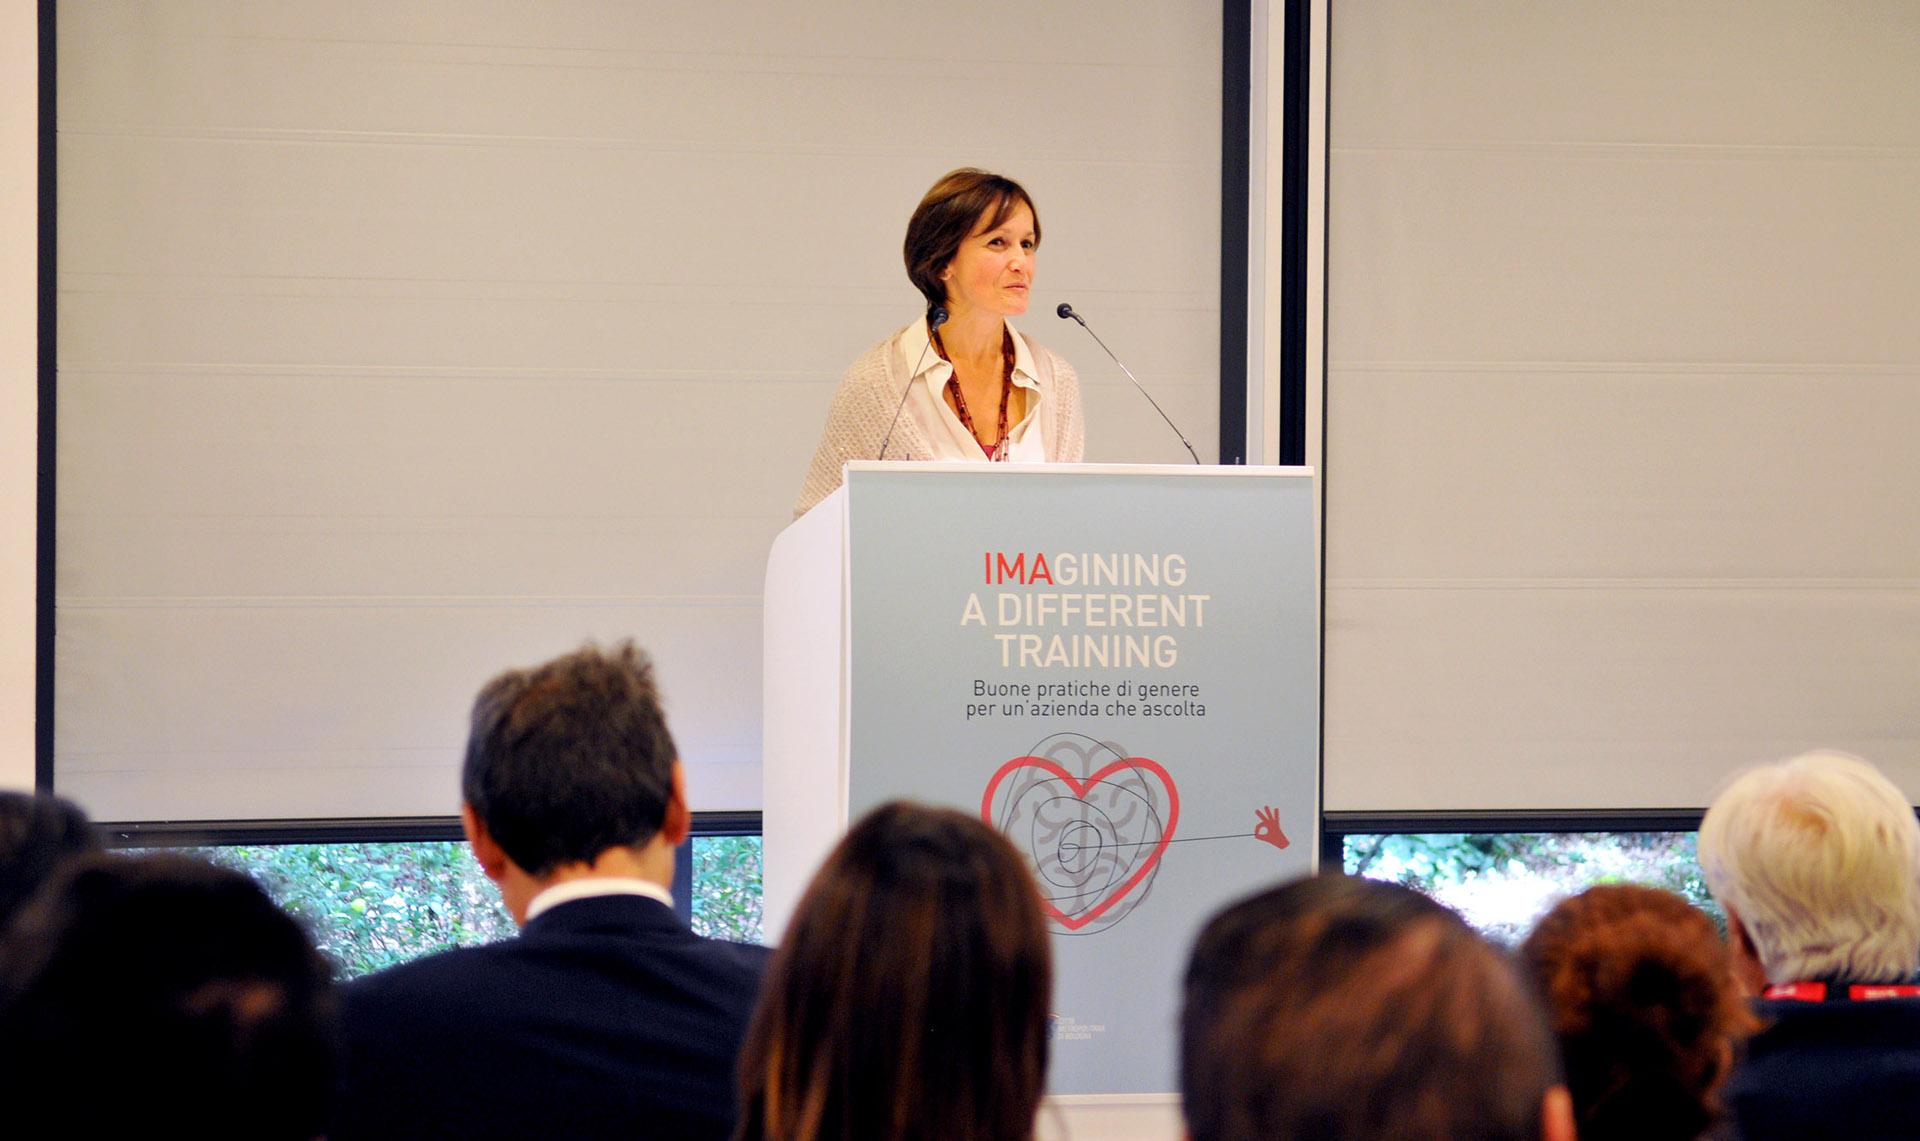 Lara Borgo, Country Talent Management Director, ALSTOM